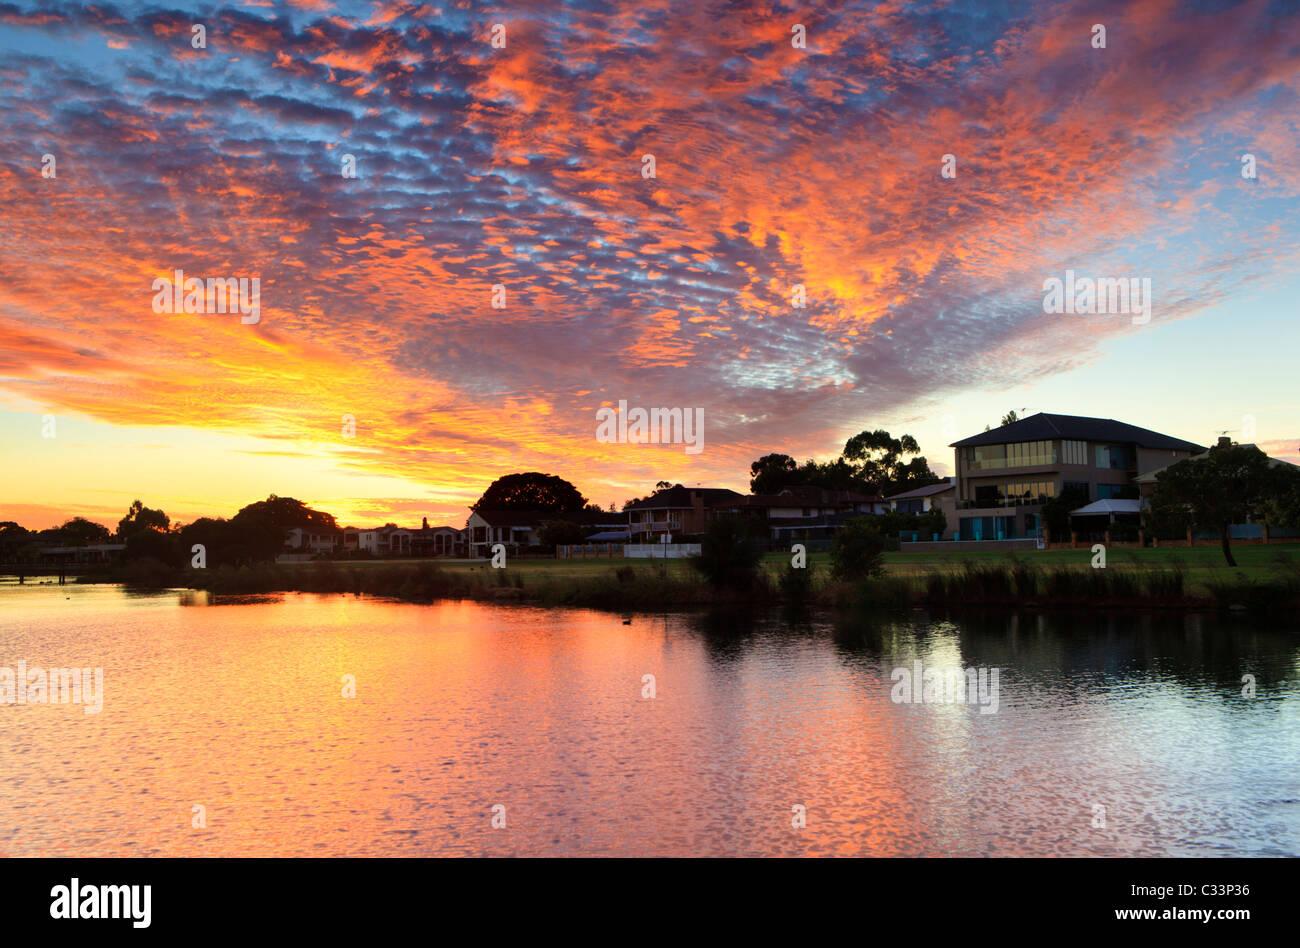 Las grandes casas del lago al atardecer en el opulento sur de Perth, Australia Occidental. Imagen De Stock